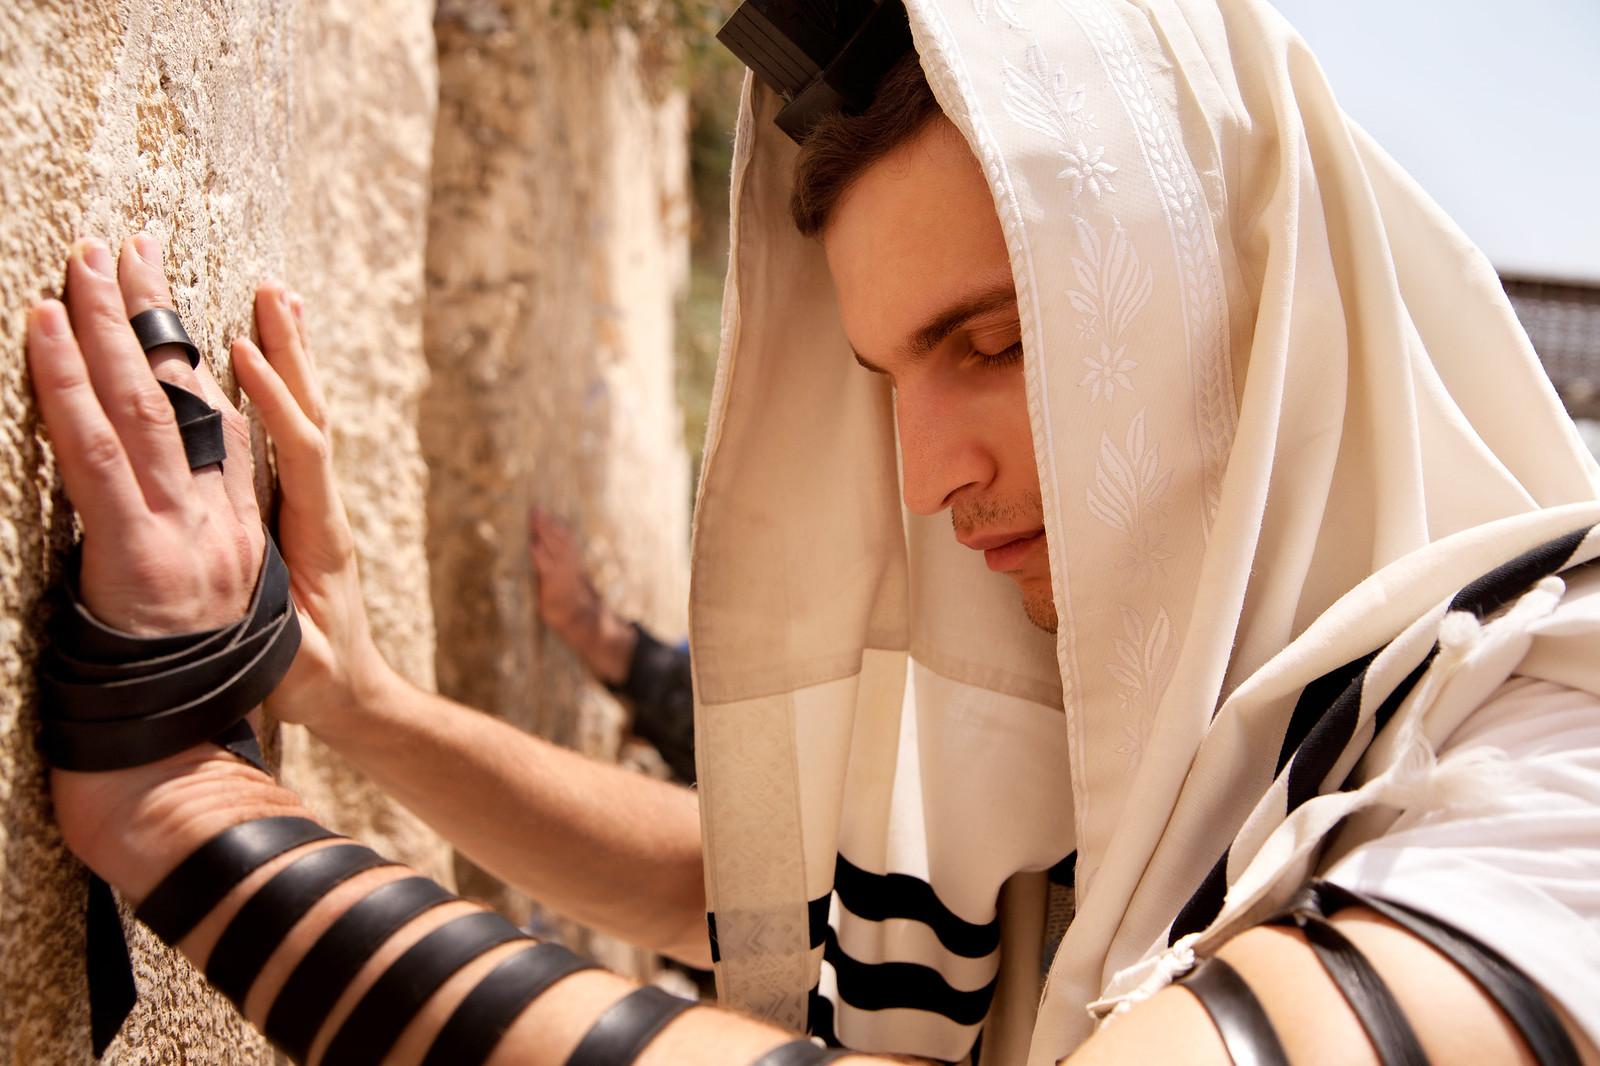 Jersusalem_Western Wall_Tefillin_7_Noam Chen_IMOT